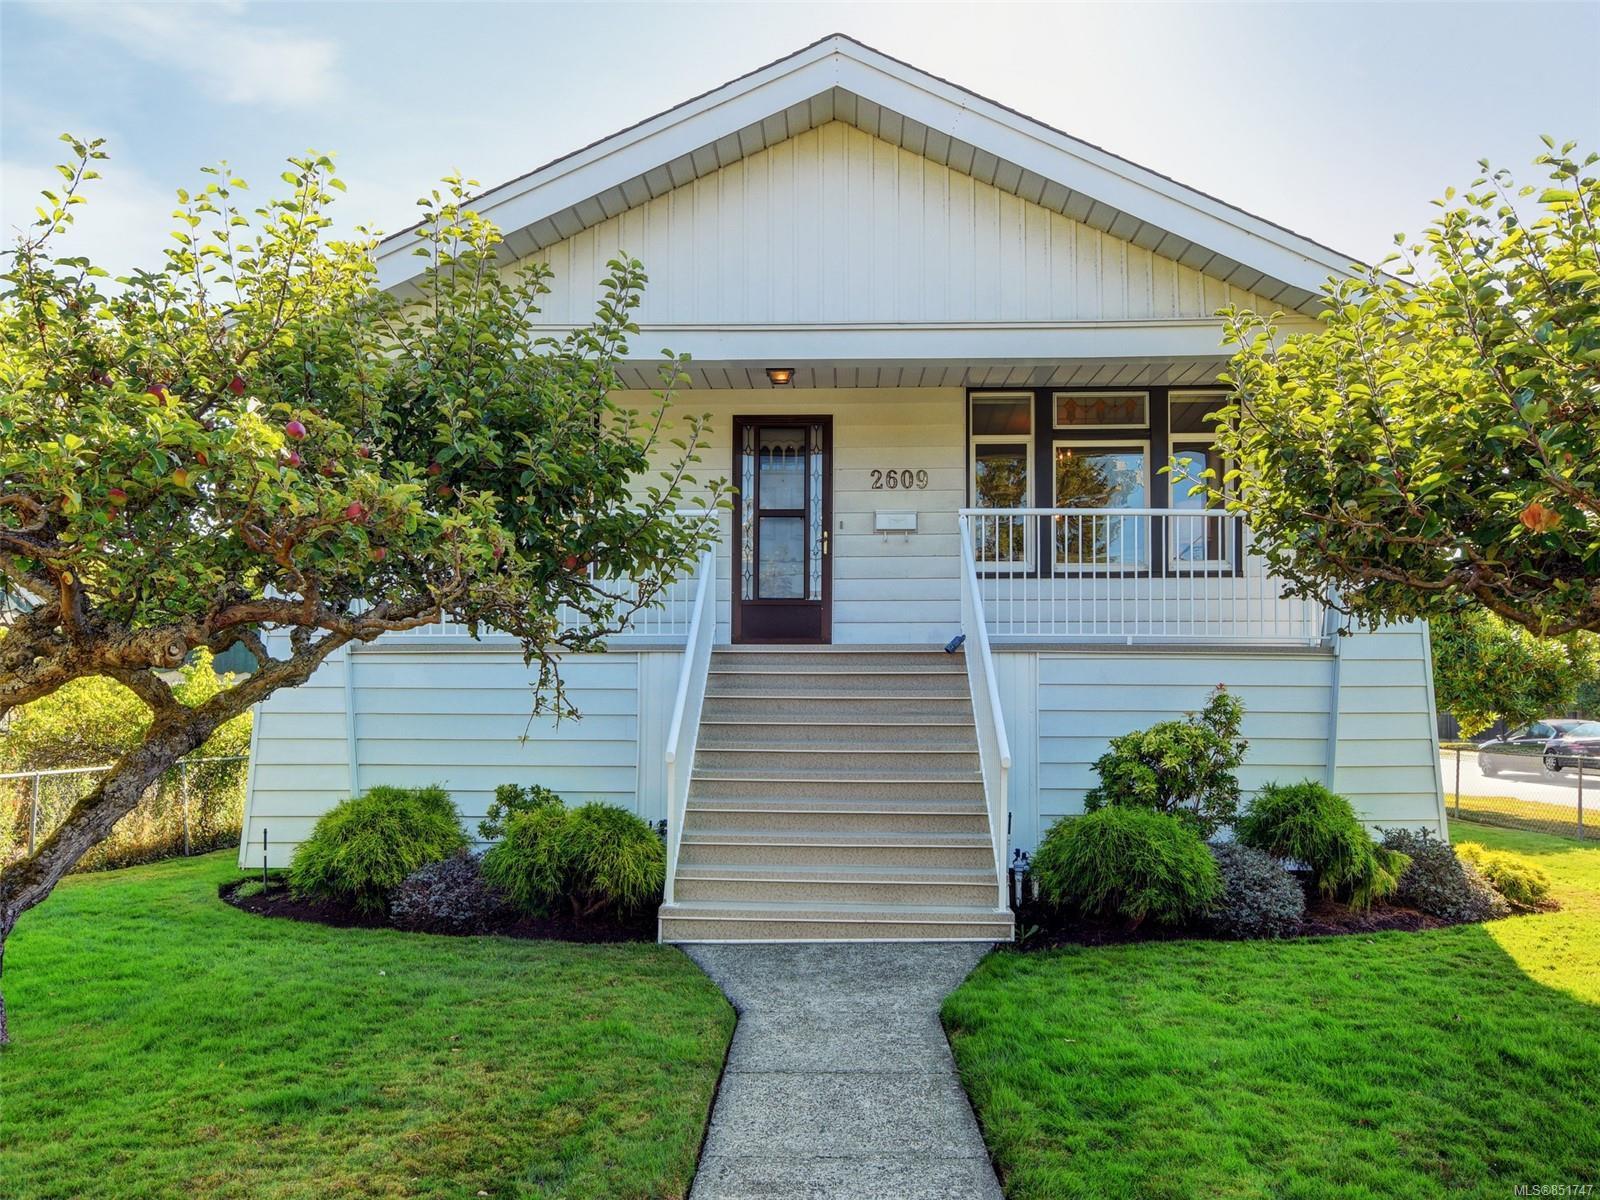 Main Photo: 2609 Foul Bay Rd in : OB Henderson House for sale (Oak Bay)  : MLS®# 851747